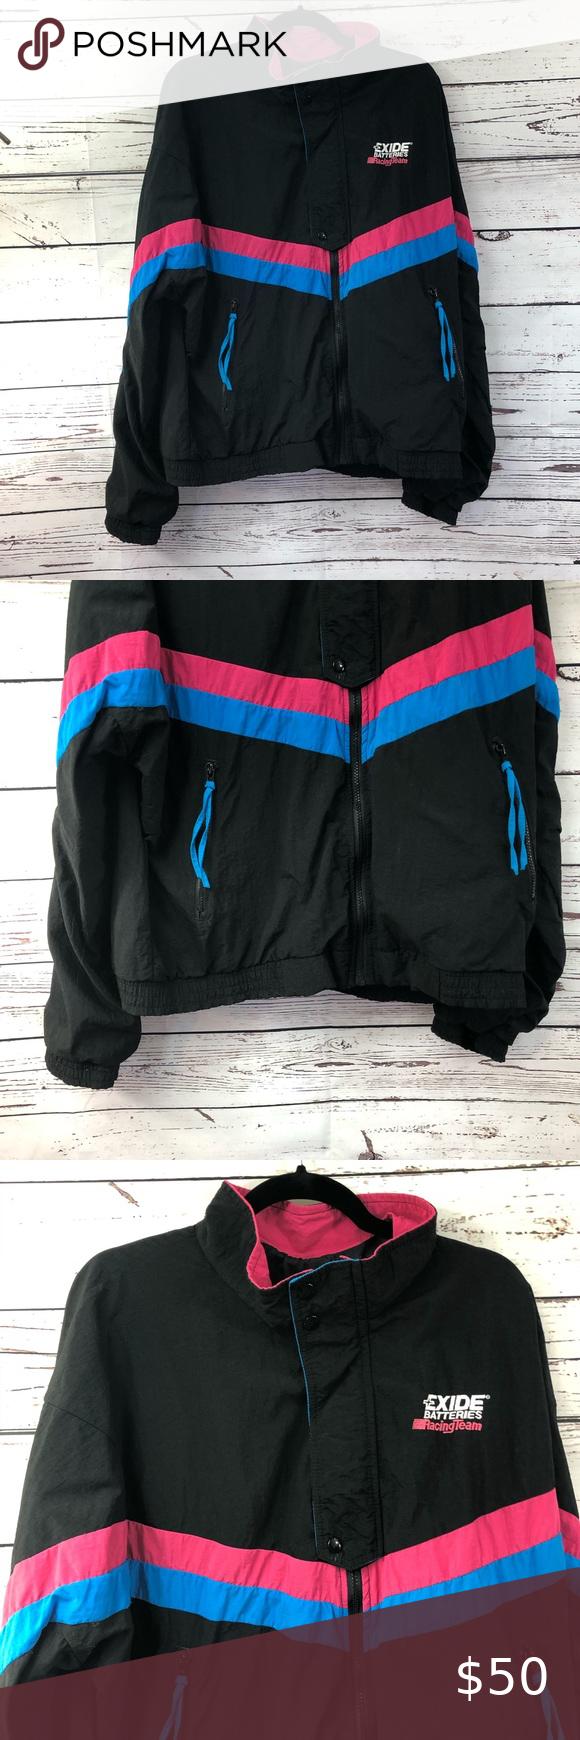 Exide Batteries Nascar Vintage Wind Breaker Jacket Jackets Windbreaker Clothes Design